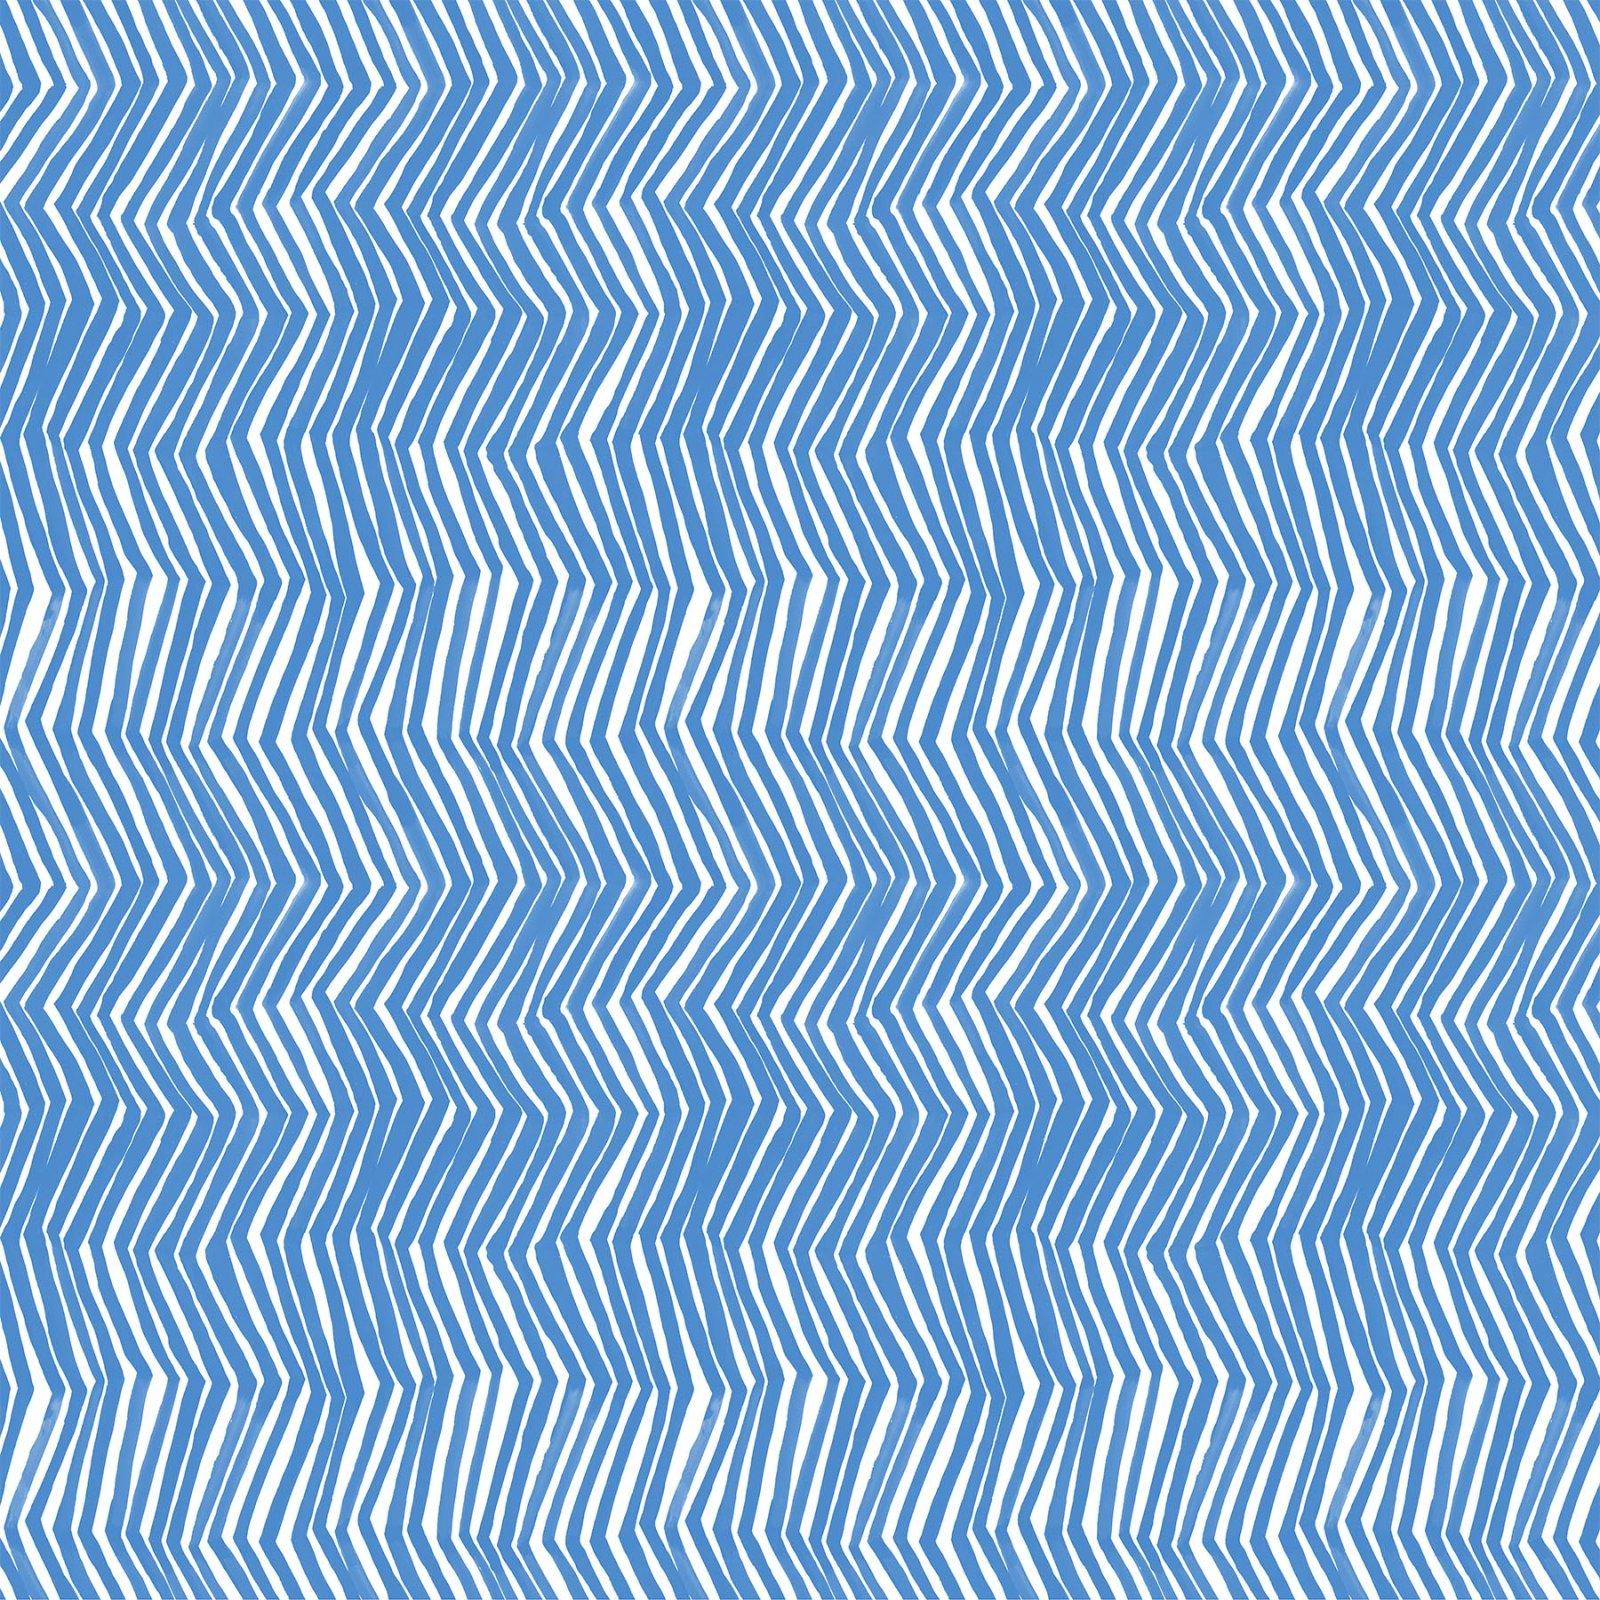 DIY Zigzag Blue